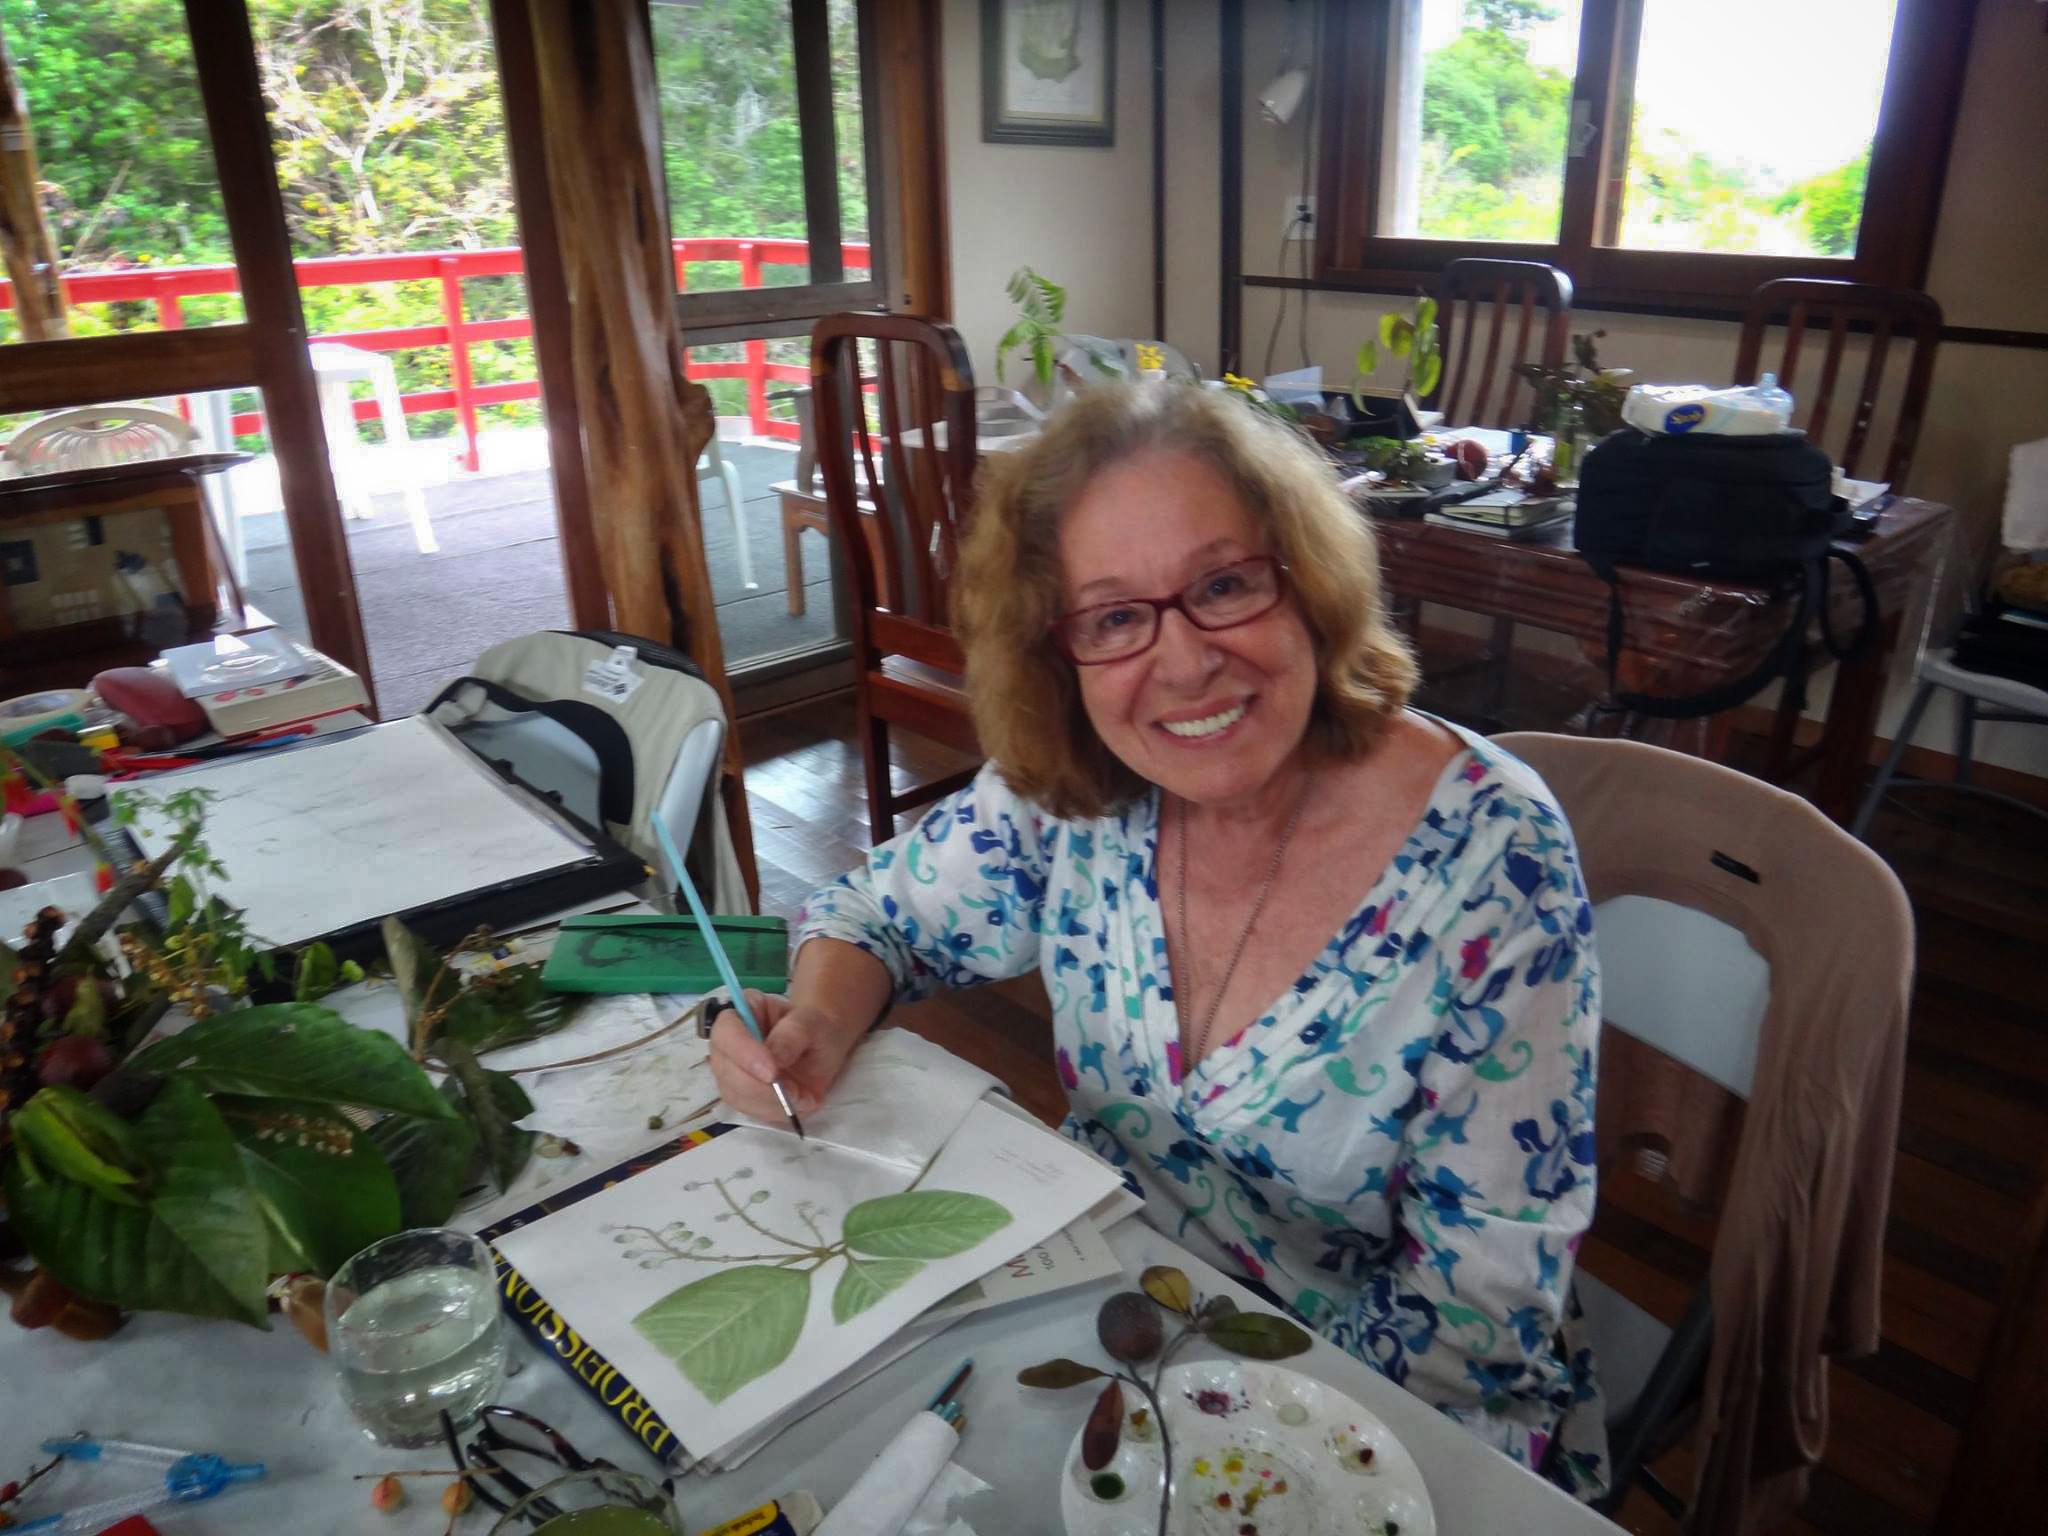 Leyla Leong destaca as ilustrações de Margaret Mee na agenda cultural de julho